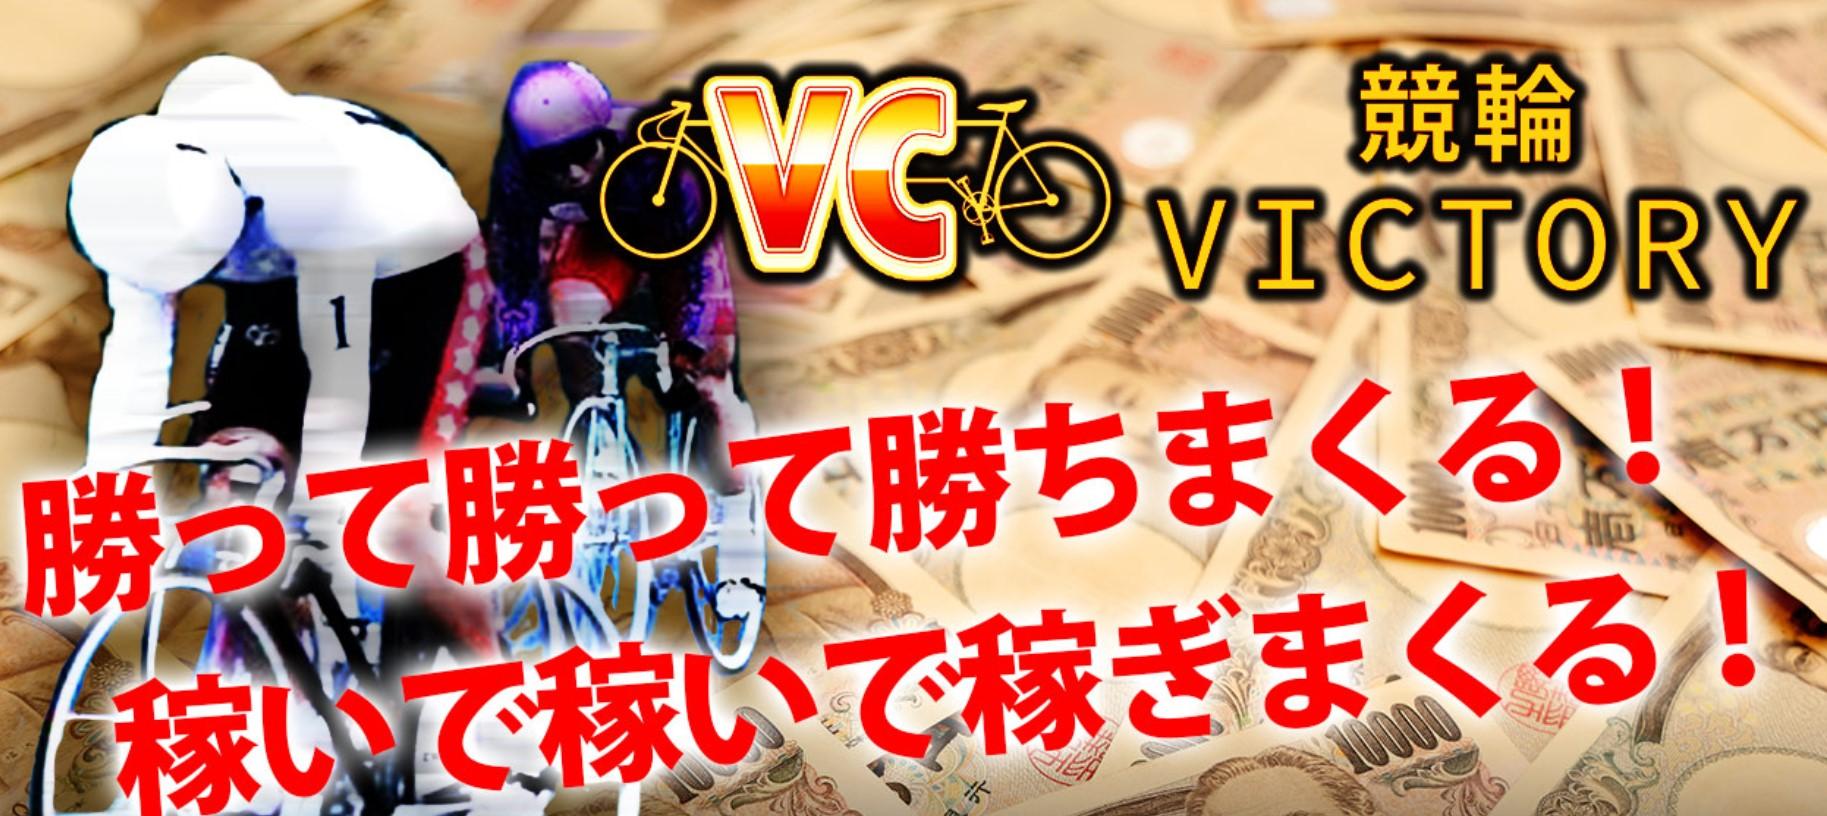 【競輪VICTORY】の無料予想(無料買い目)をプロ目線でぶった斬り!